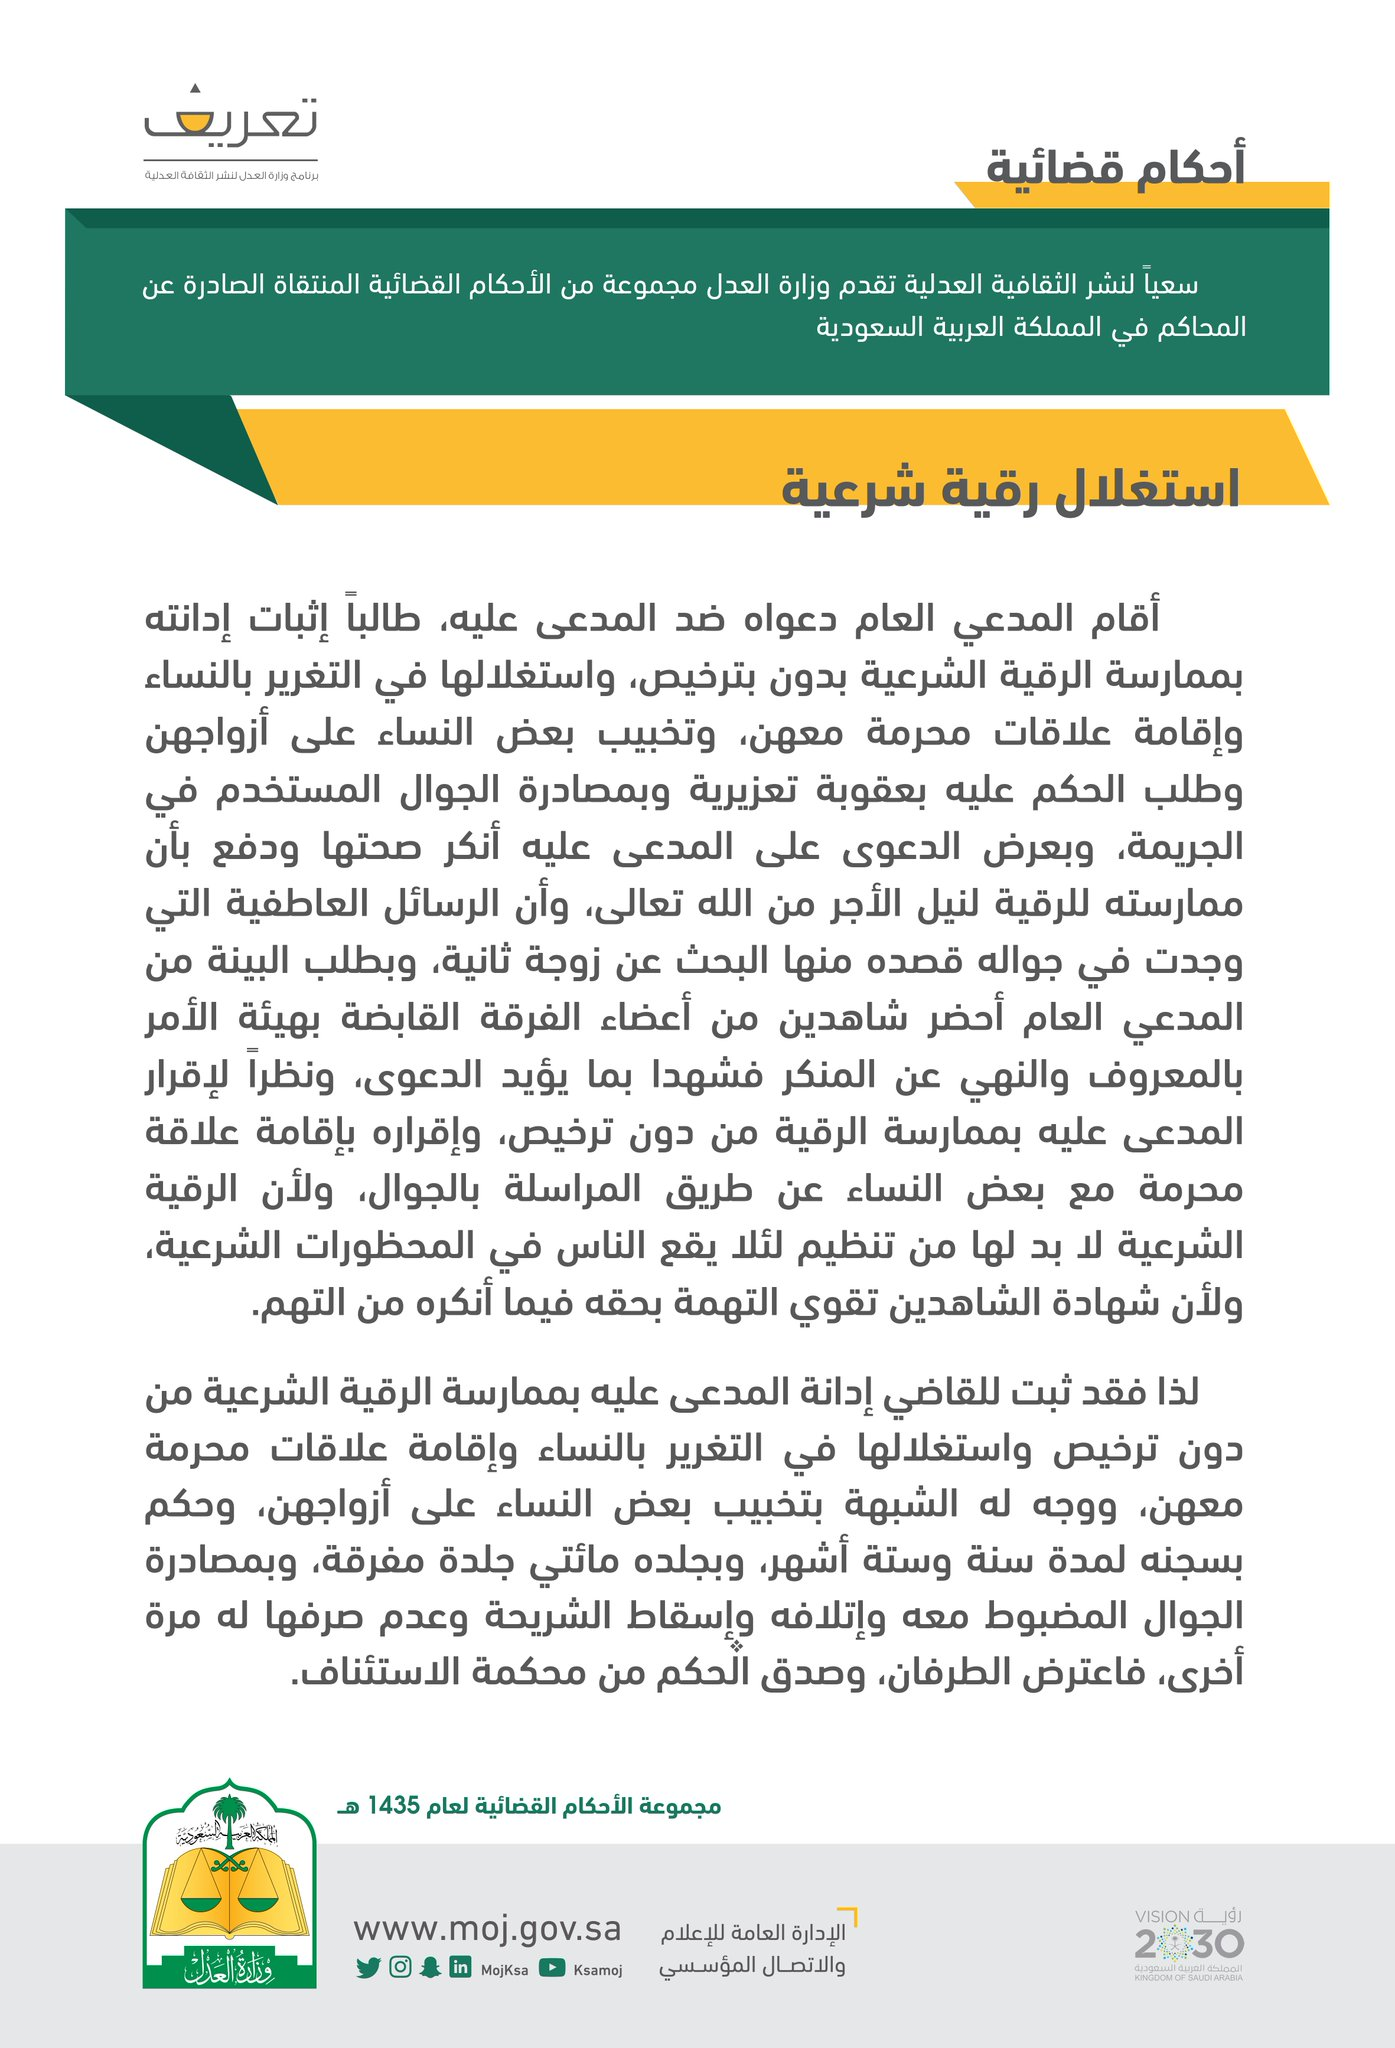 وزارة العدل No Twitter أحكام قضائية استغلال رقية شرعية